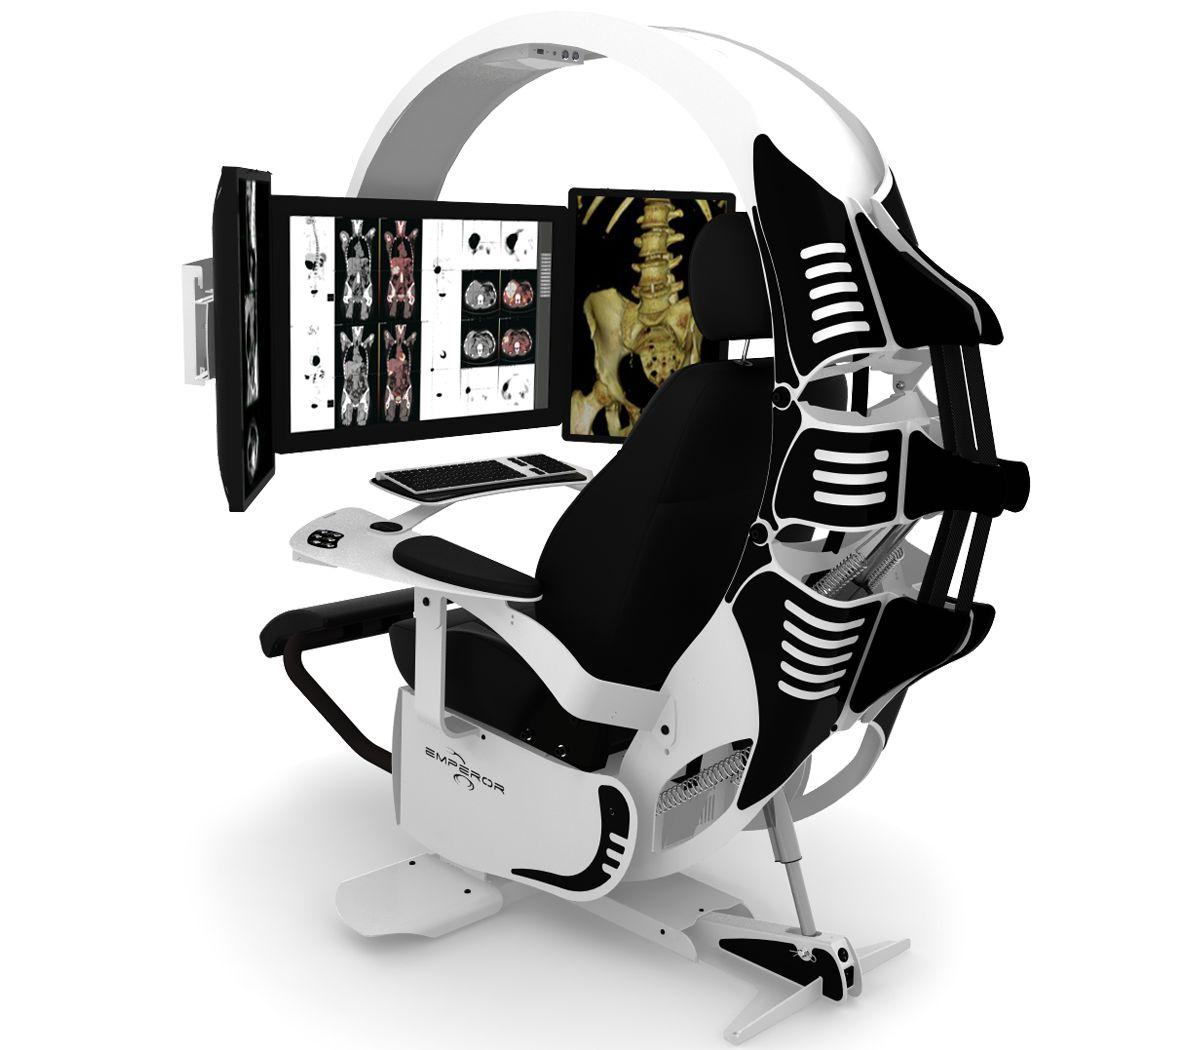 Emperor chair